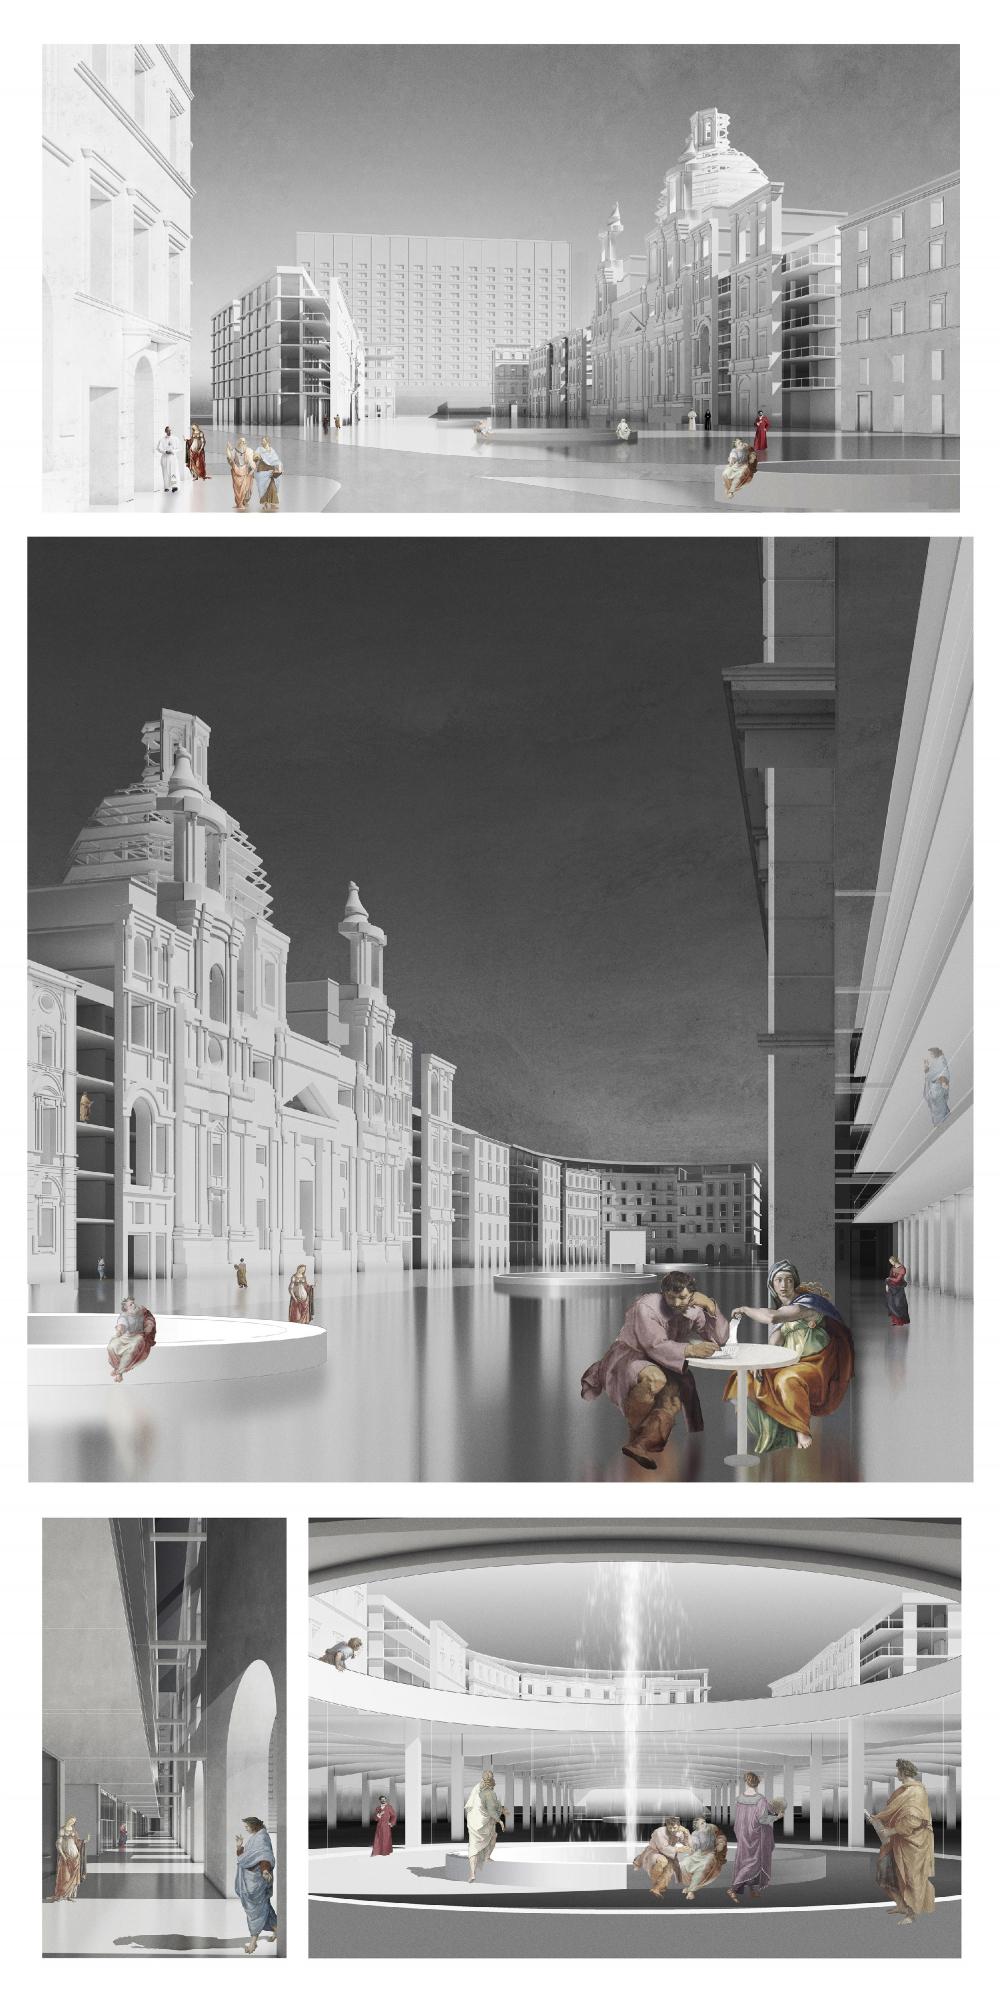 Piazza Nanova Нагорного района. Виды площади<br>Надежда Егерева